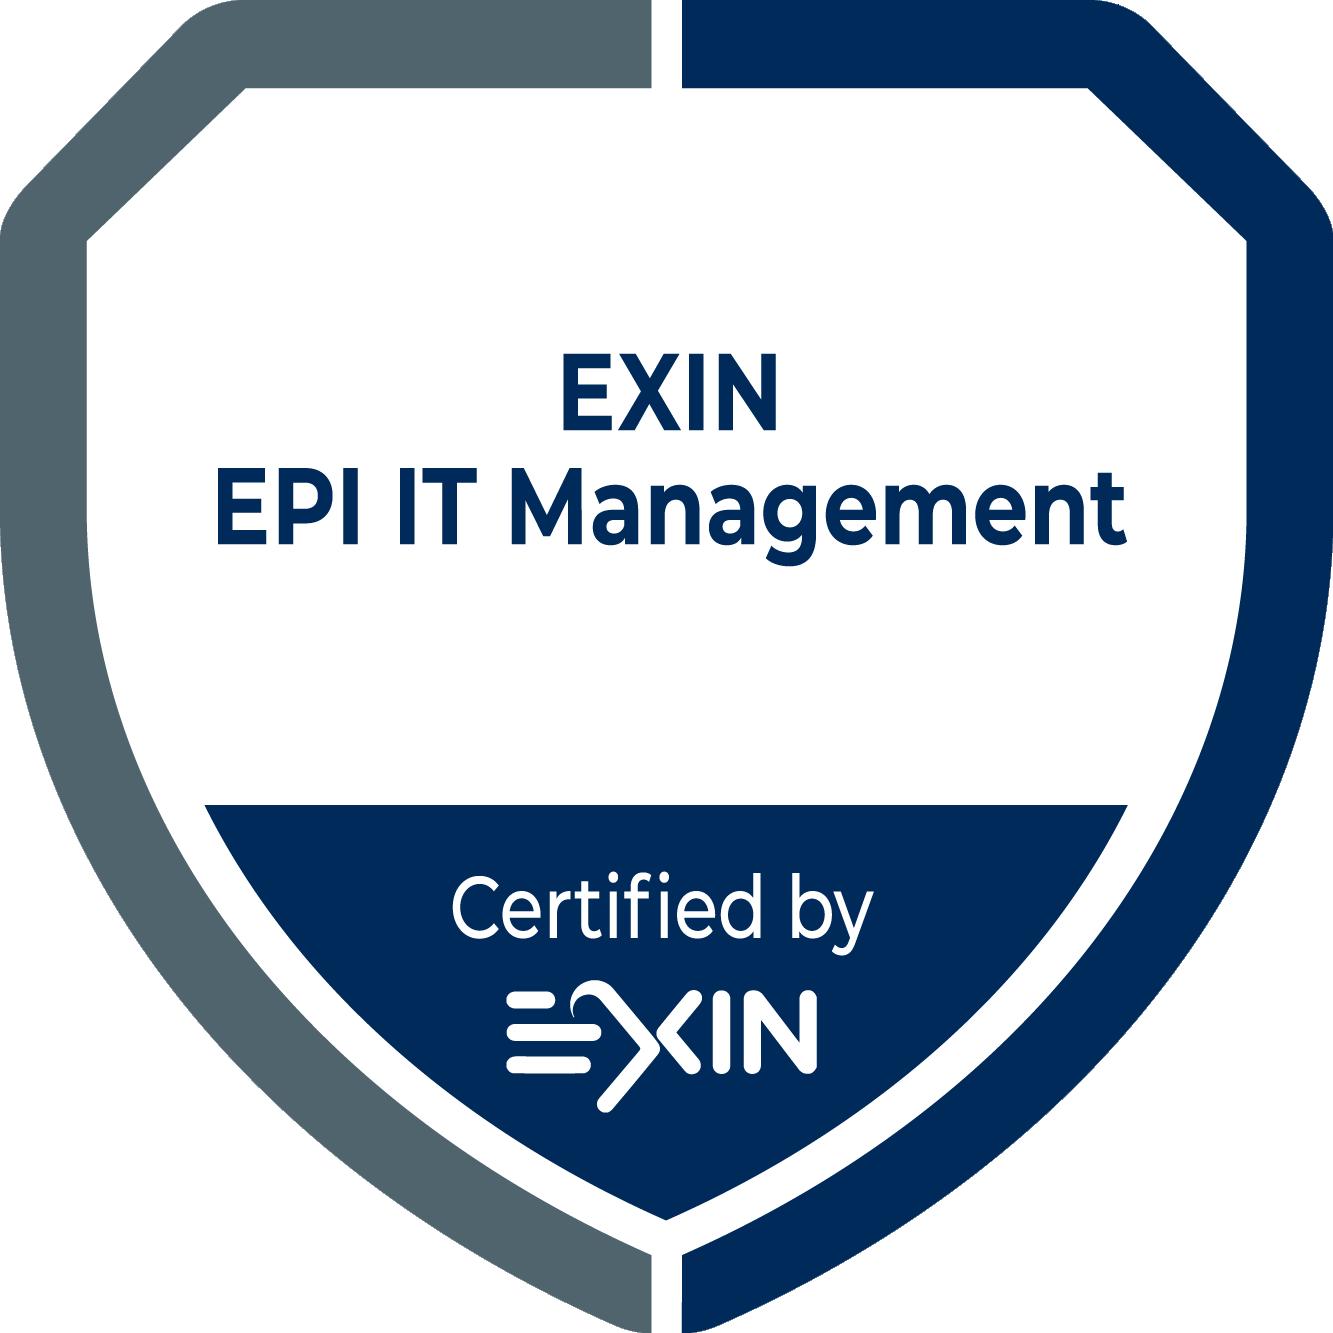 EXIN EPI IT Management.